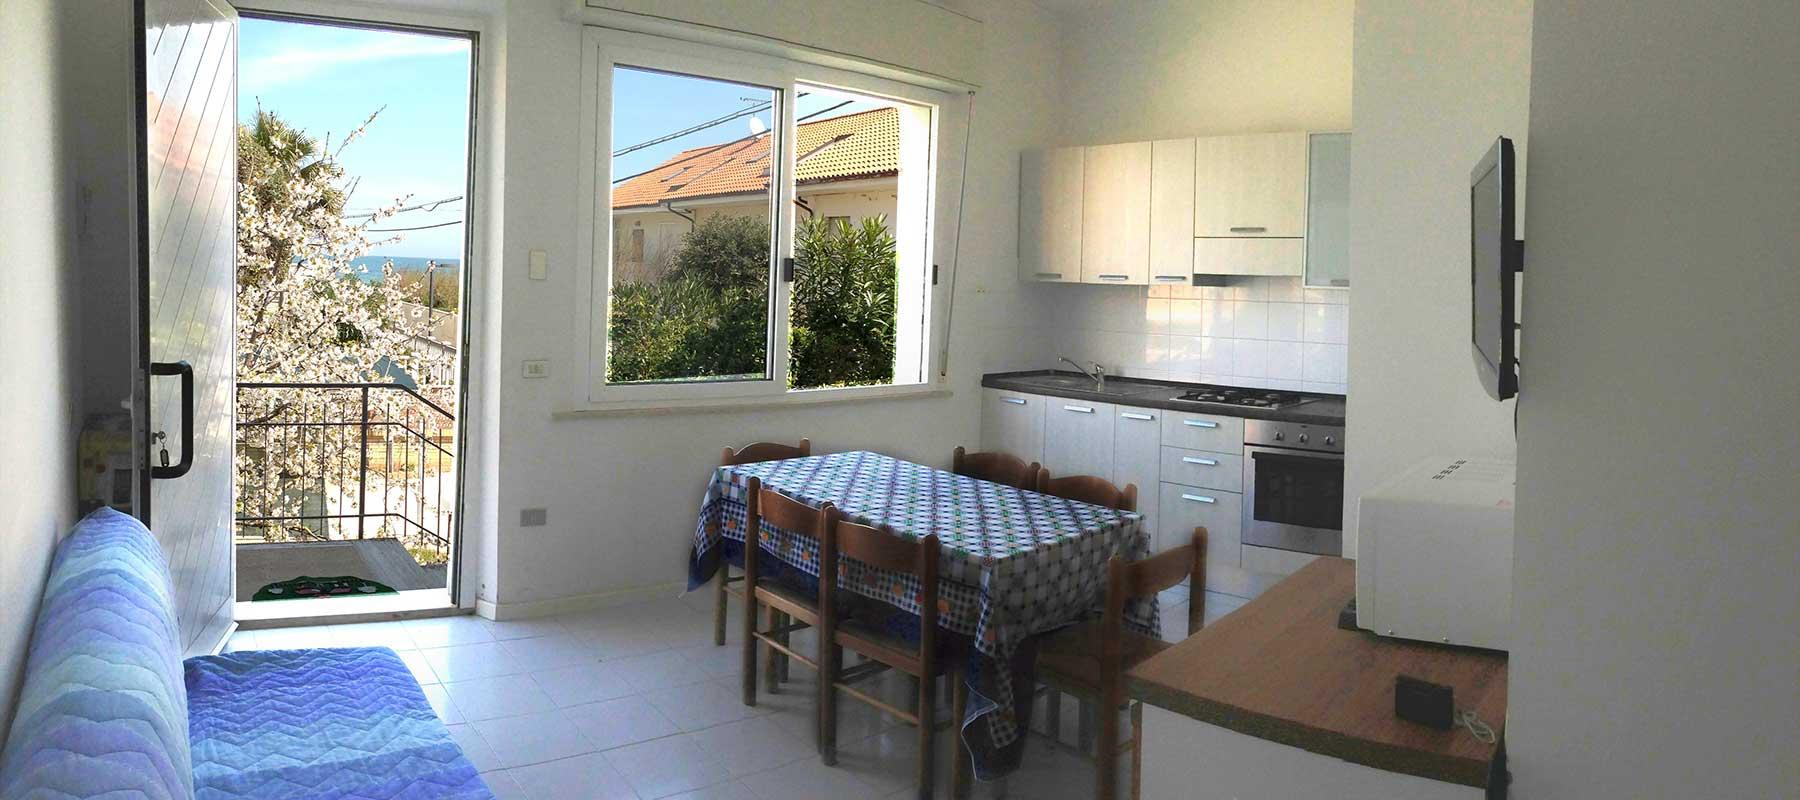 Appartamenti al mare sulla costa adriatica a torrette di fano for Premiato piano casa artigiano